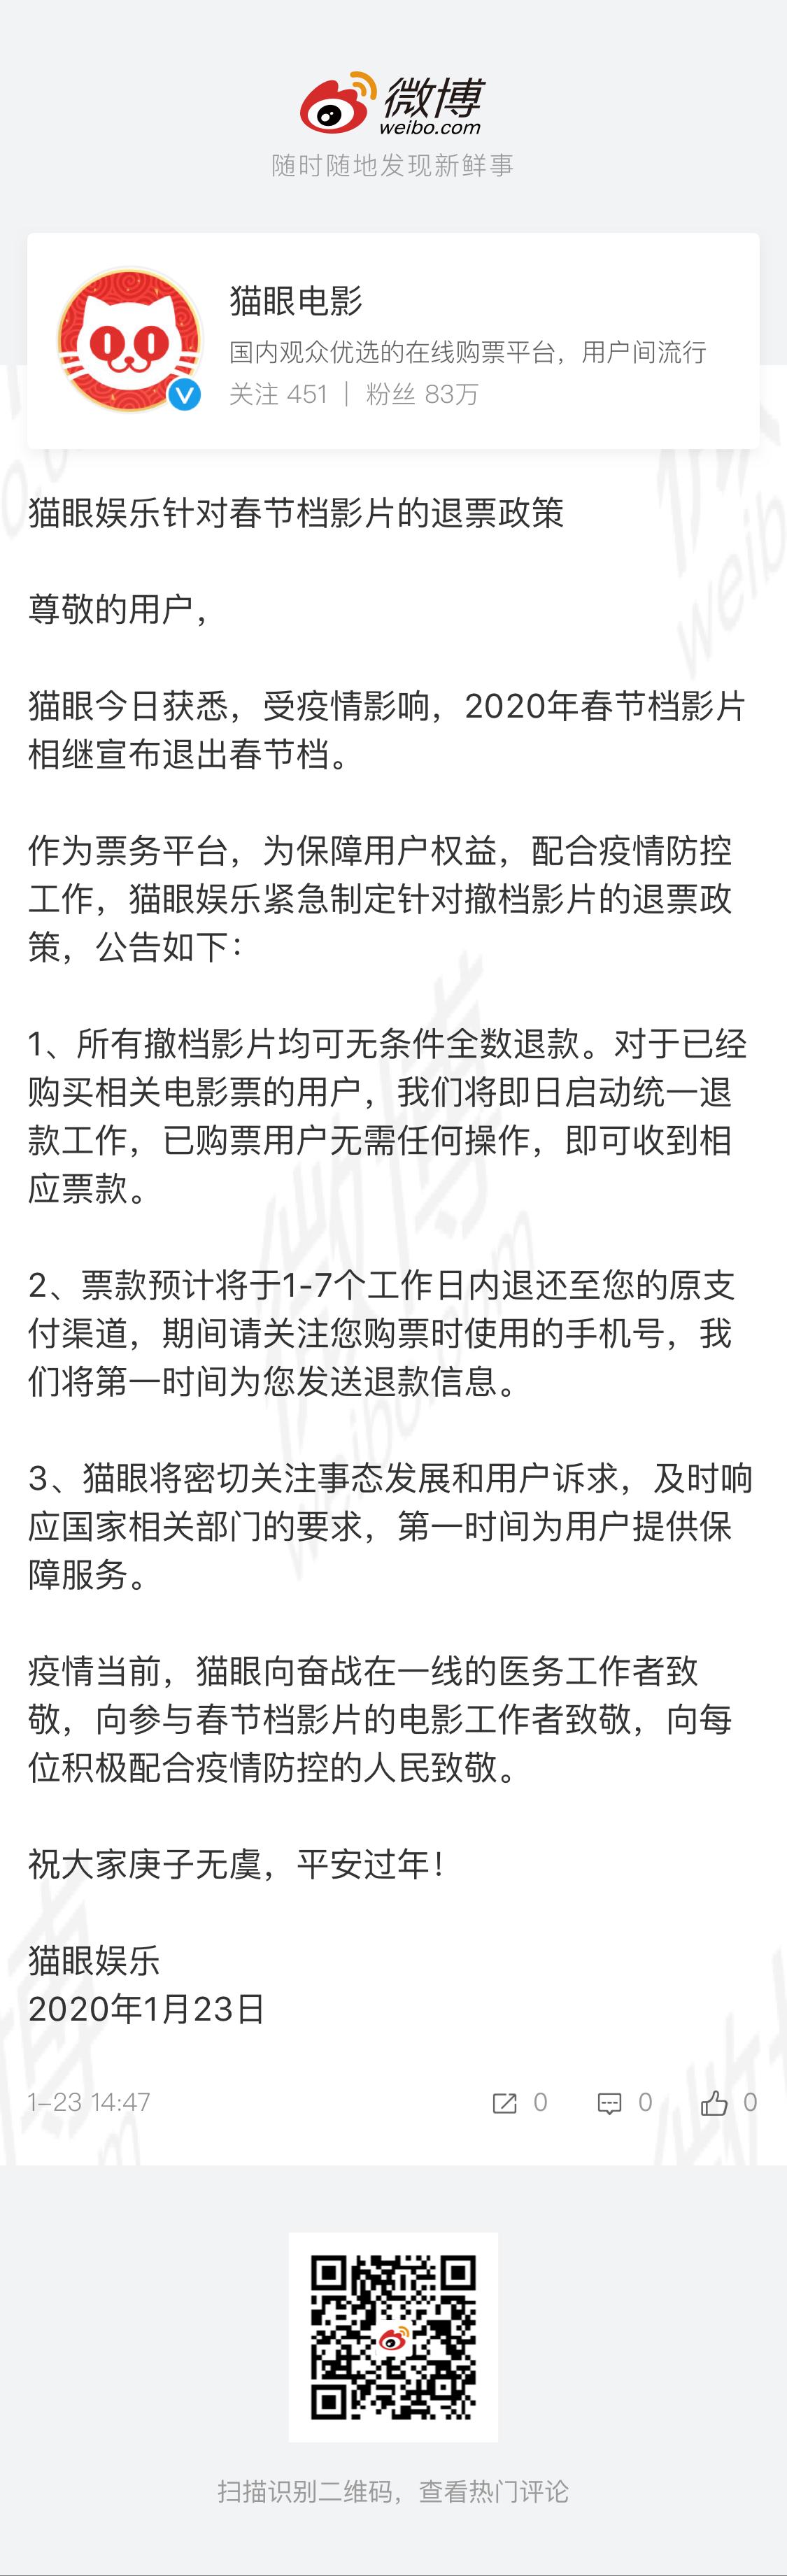 猫眼公布春节档影片退票细则:无需操作,直接退票